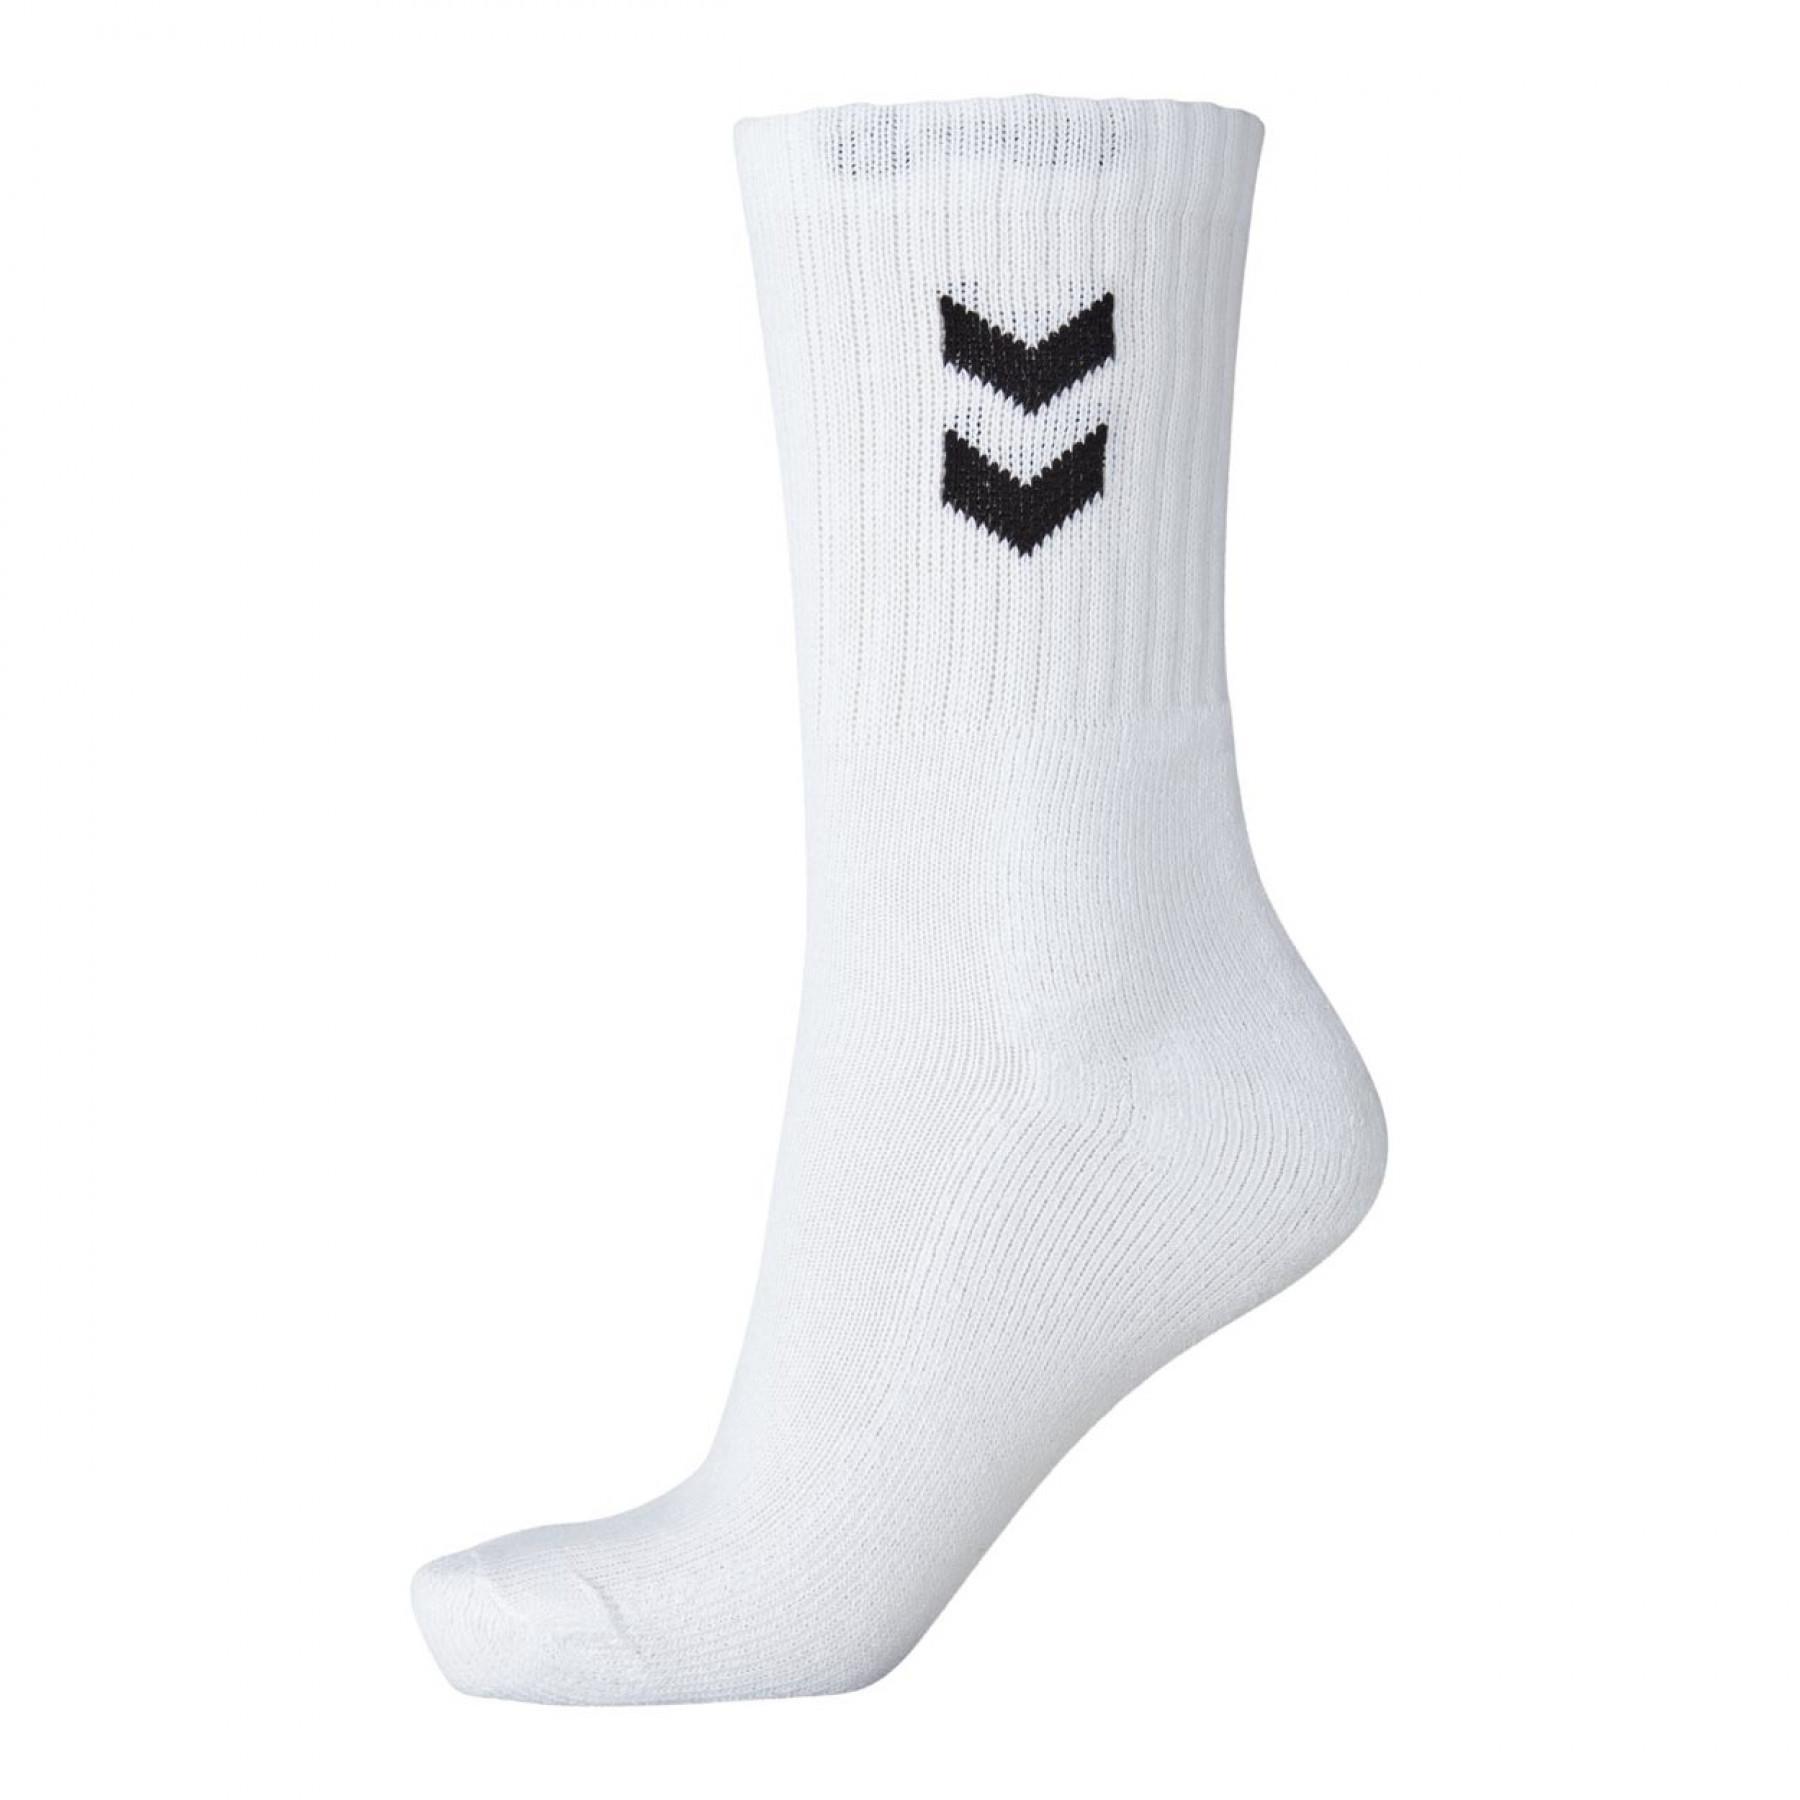 3 Pack Socks Hummel Basic